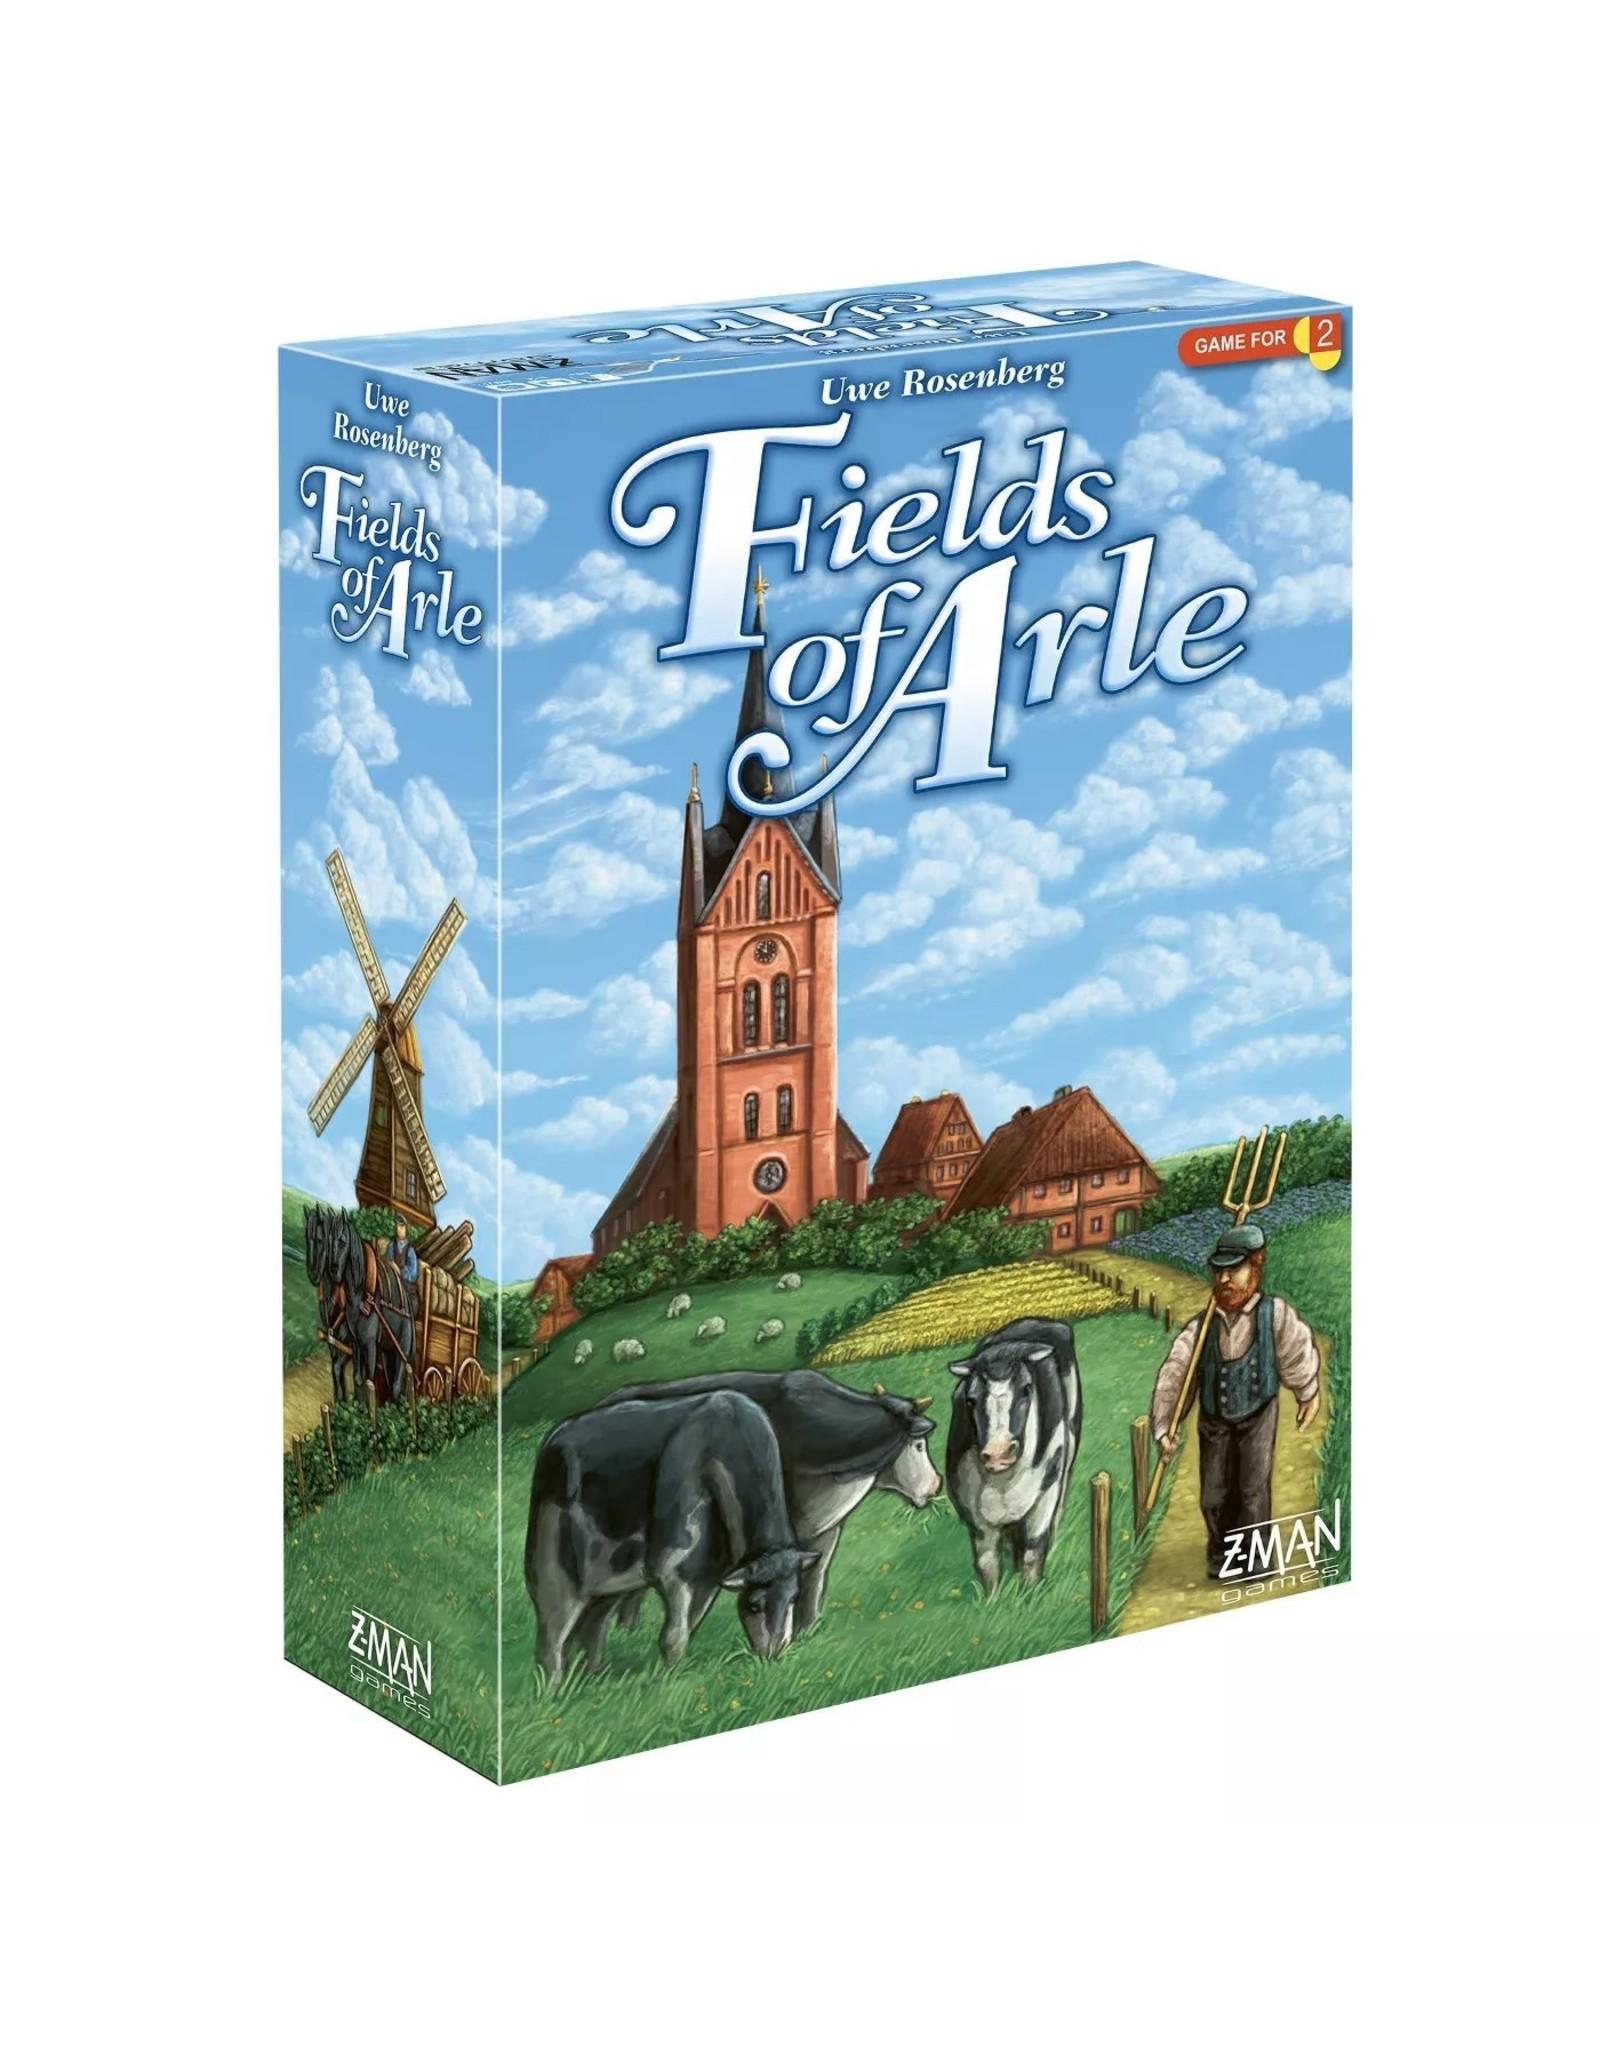 zman games Field of Arle